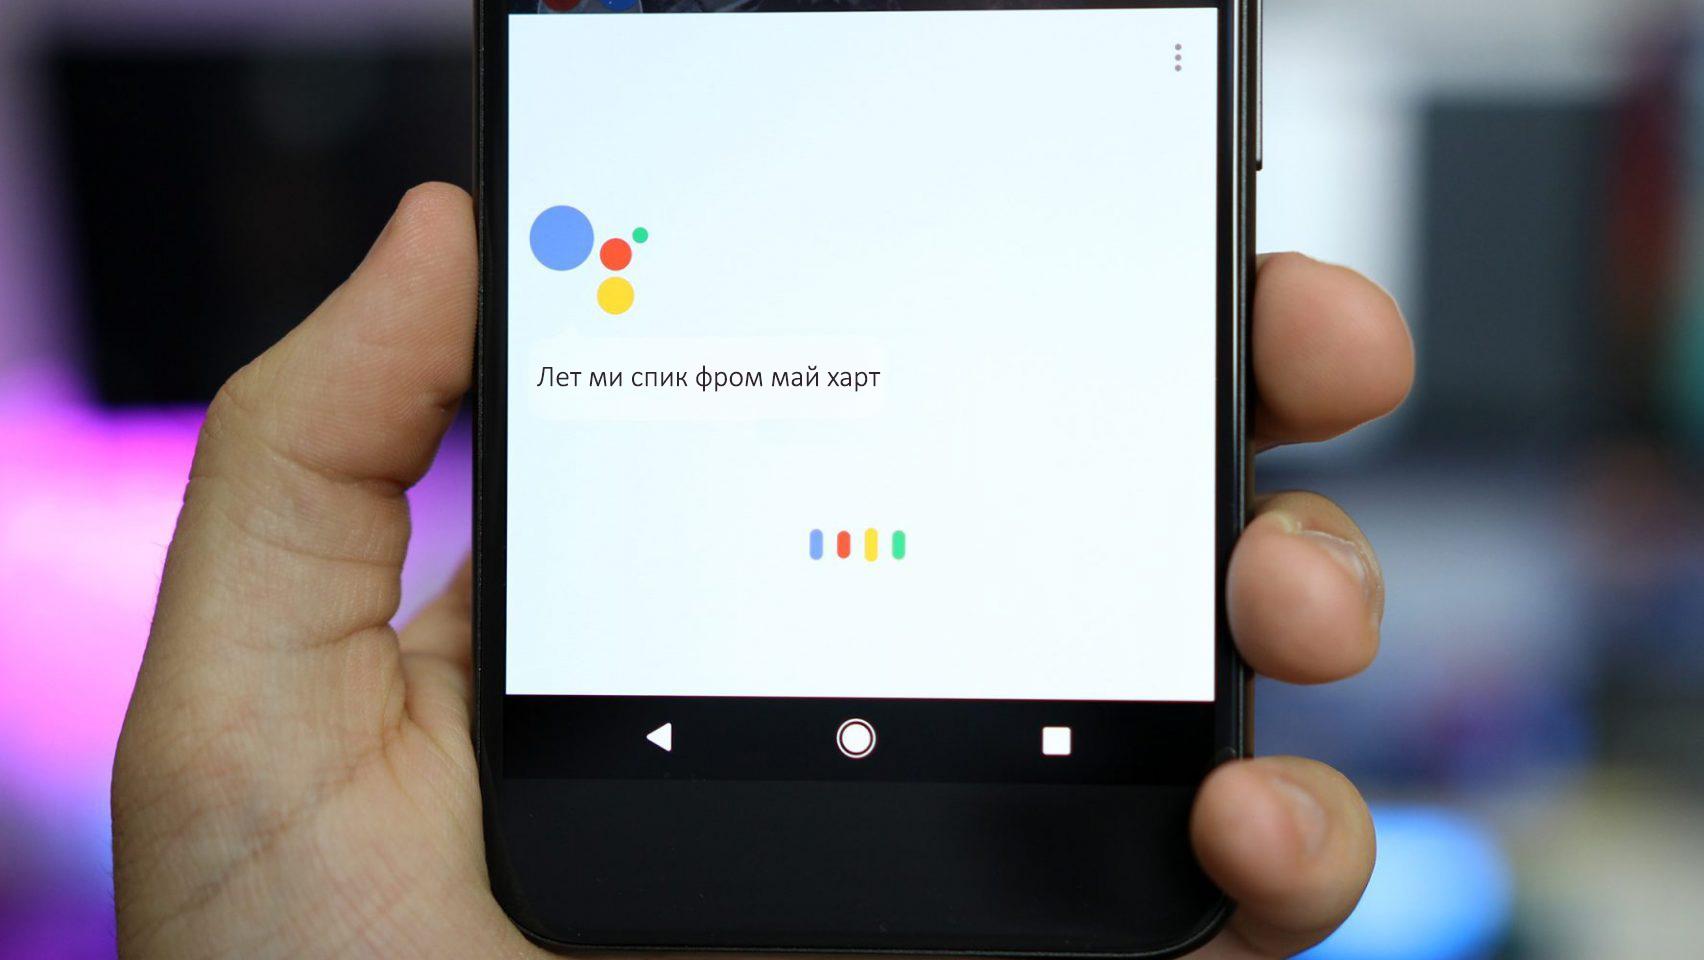 Как разрешить ребенку пользоваться google ассистентом на колонке или умном дисплее - cправка - google ассистент